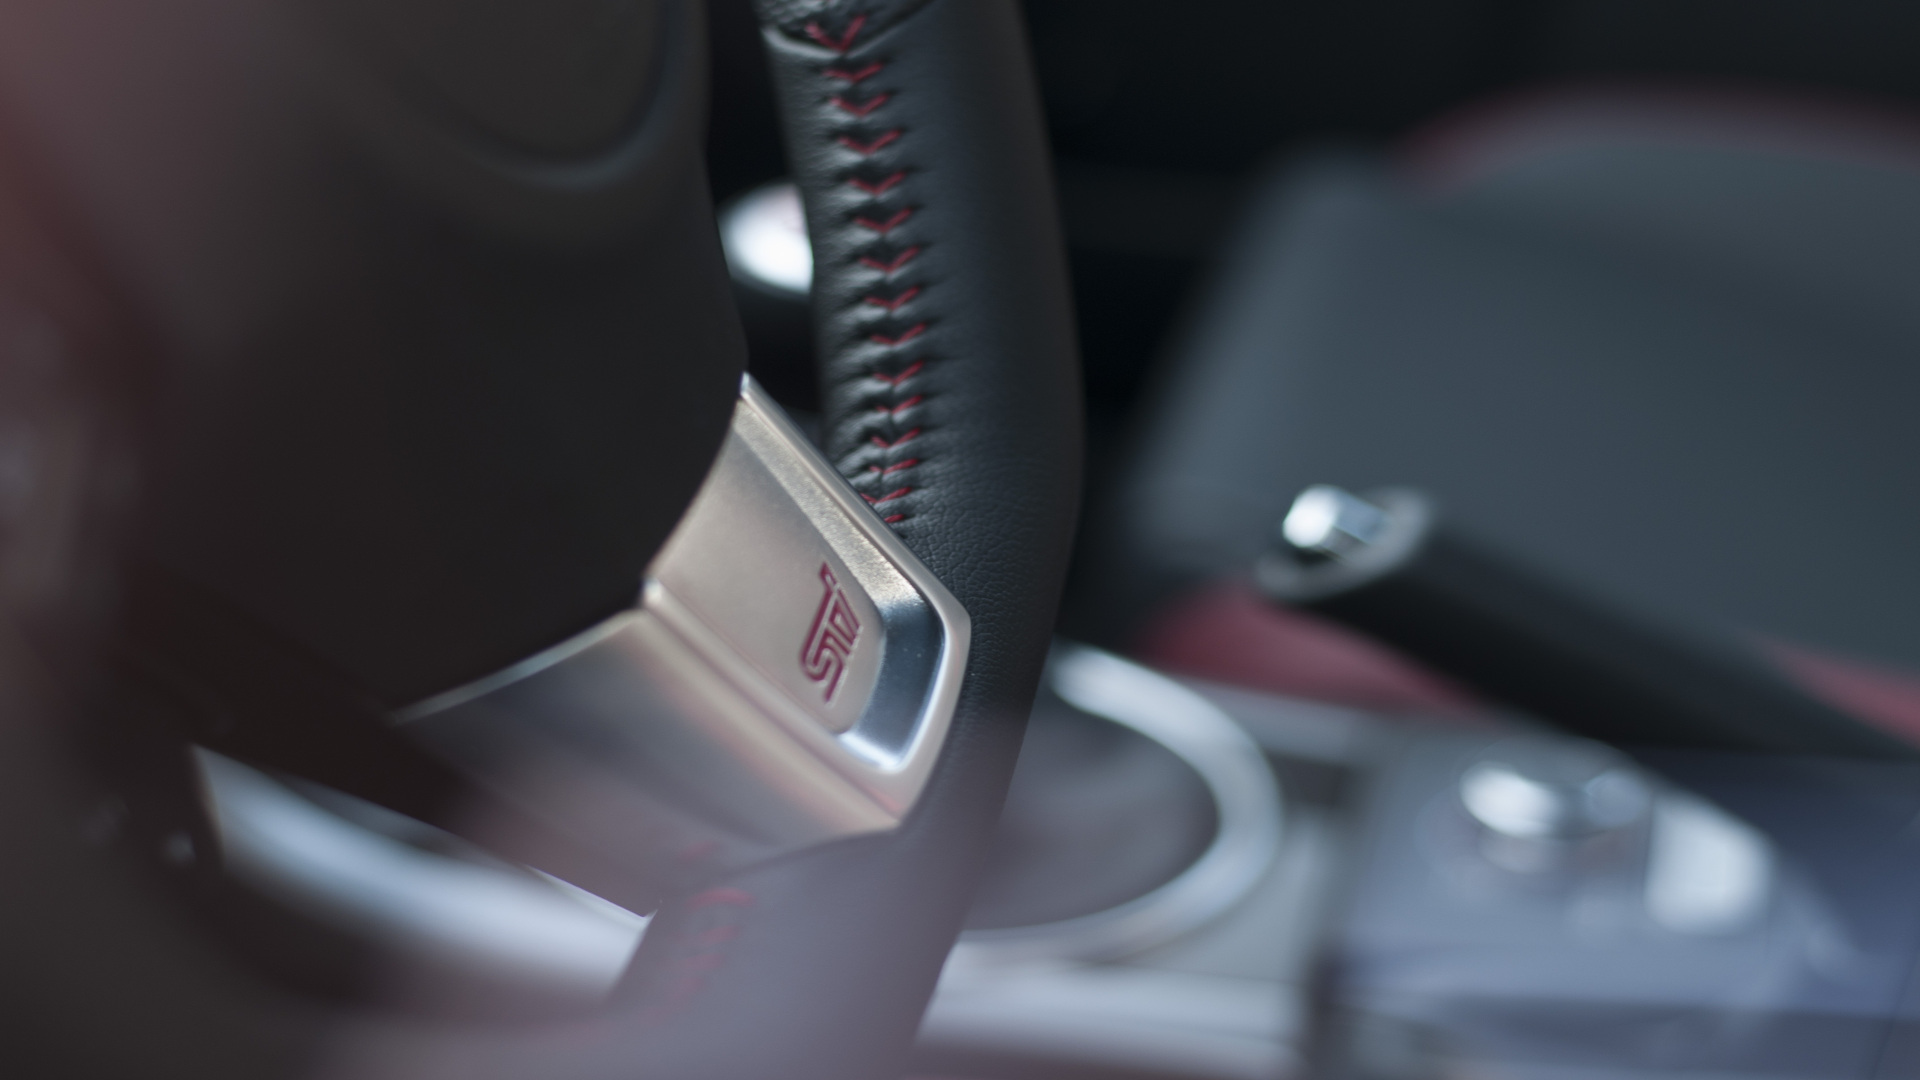 Seguro que cometes estos errores a la hora de conducir y que destrozan tu coche1920